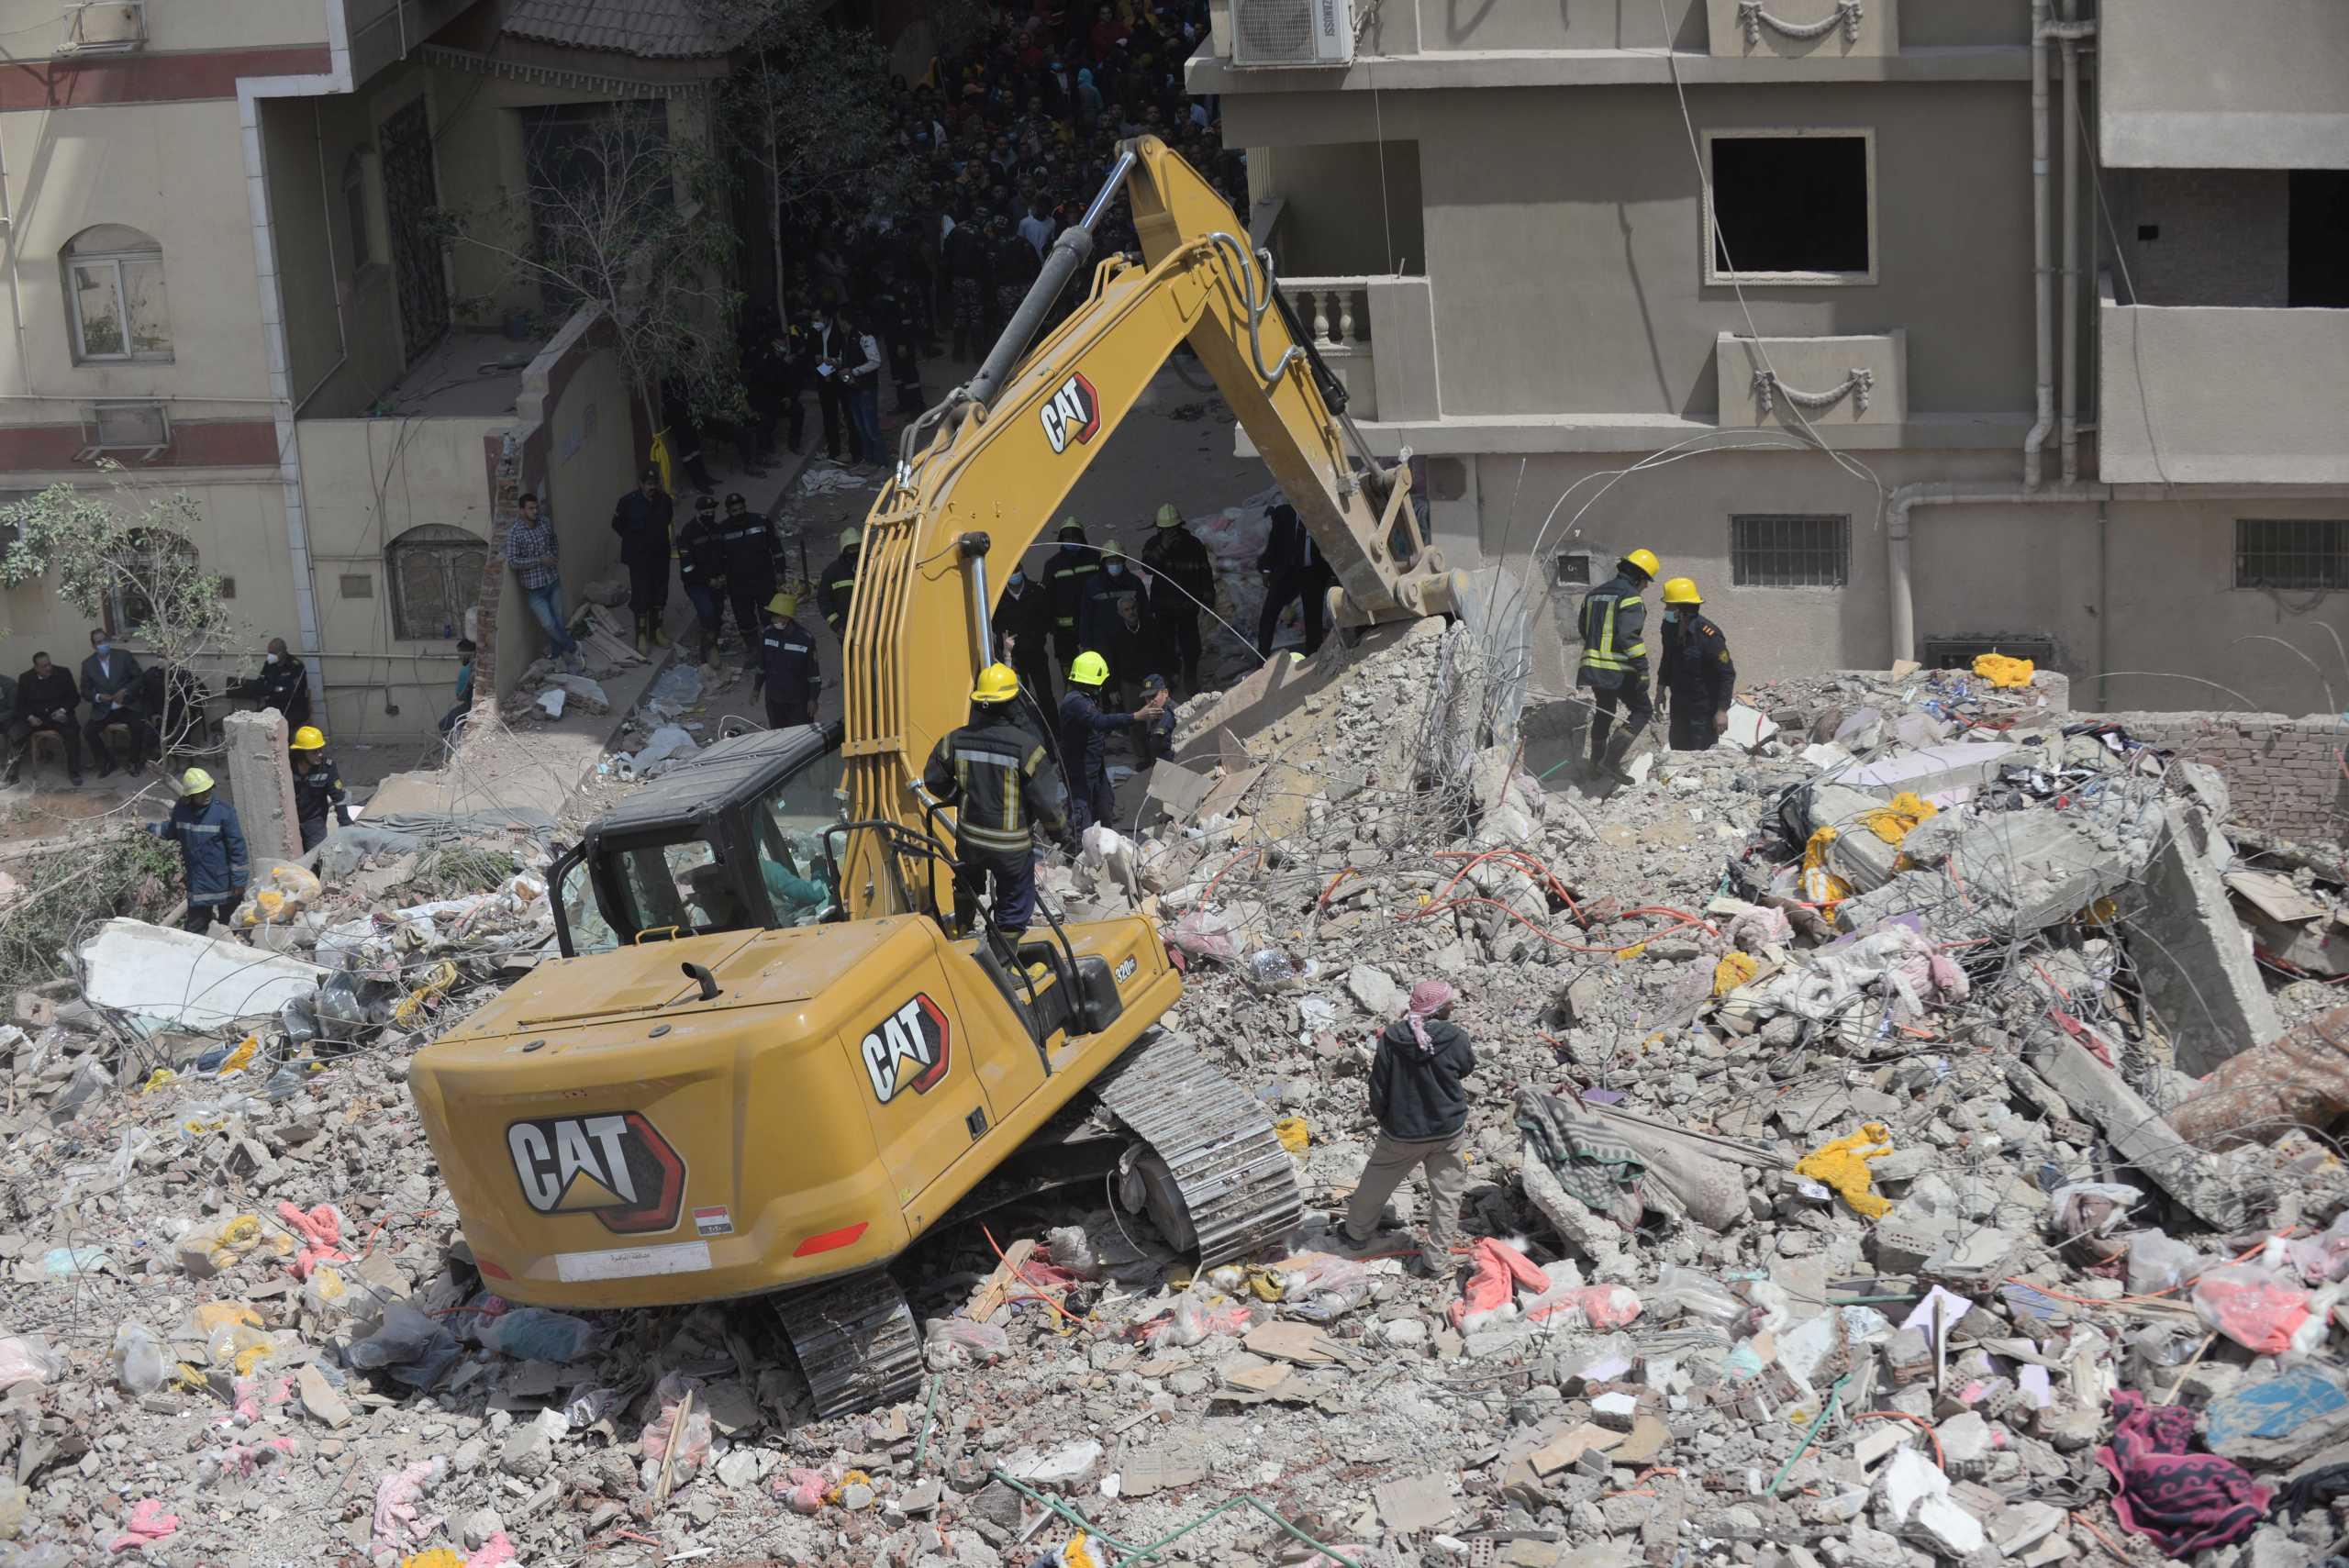 Αίγυπτος: Ένταλμα σύλληψης για τον ιδιοκτήτη της πολυκατοικίας που κατέρρευσε στο Κάϊρο